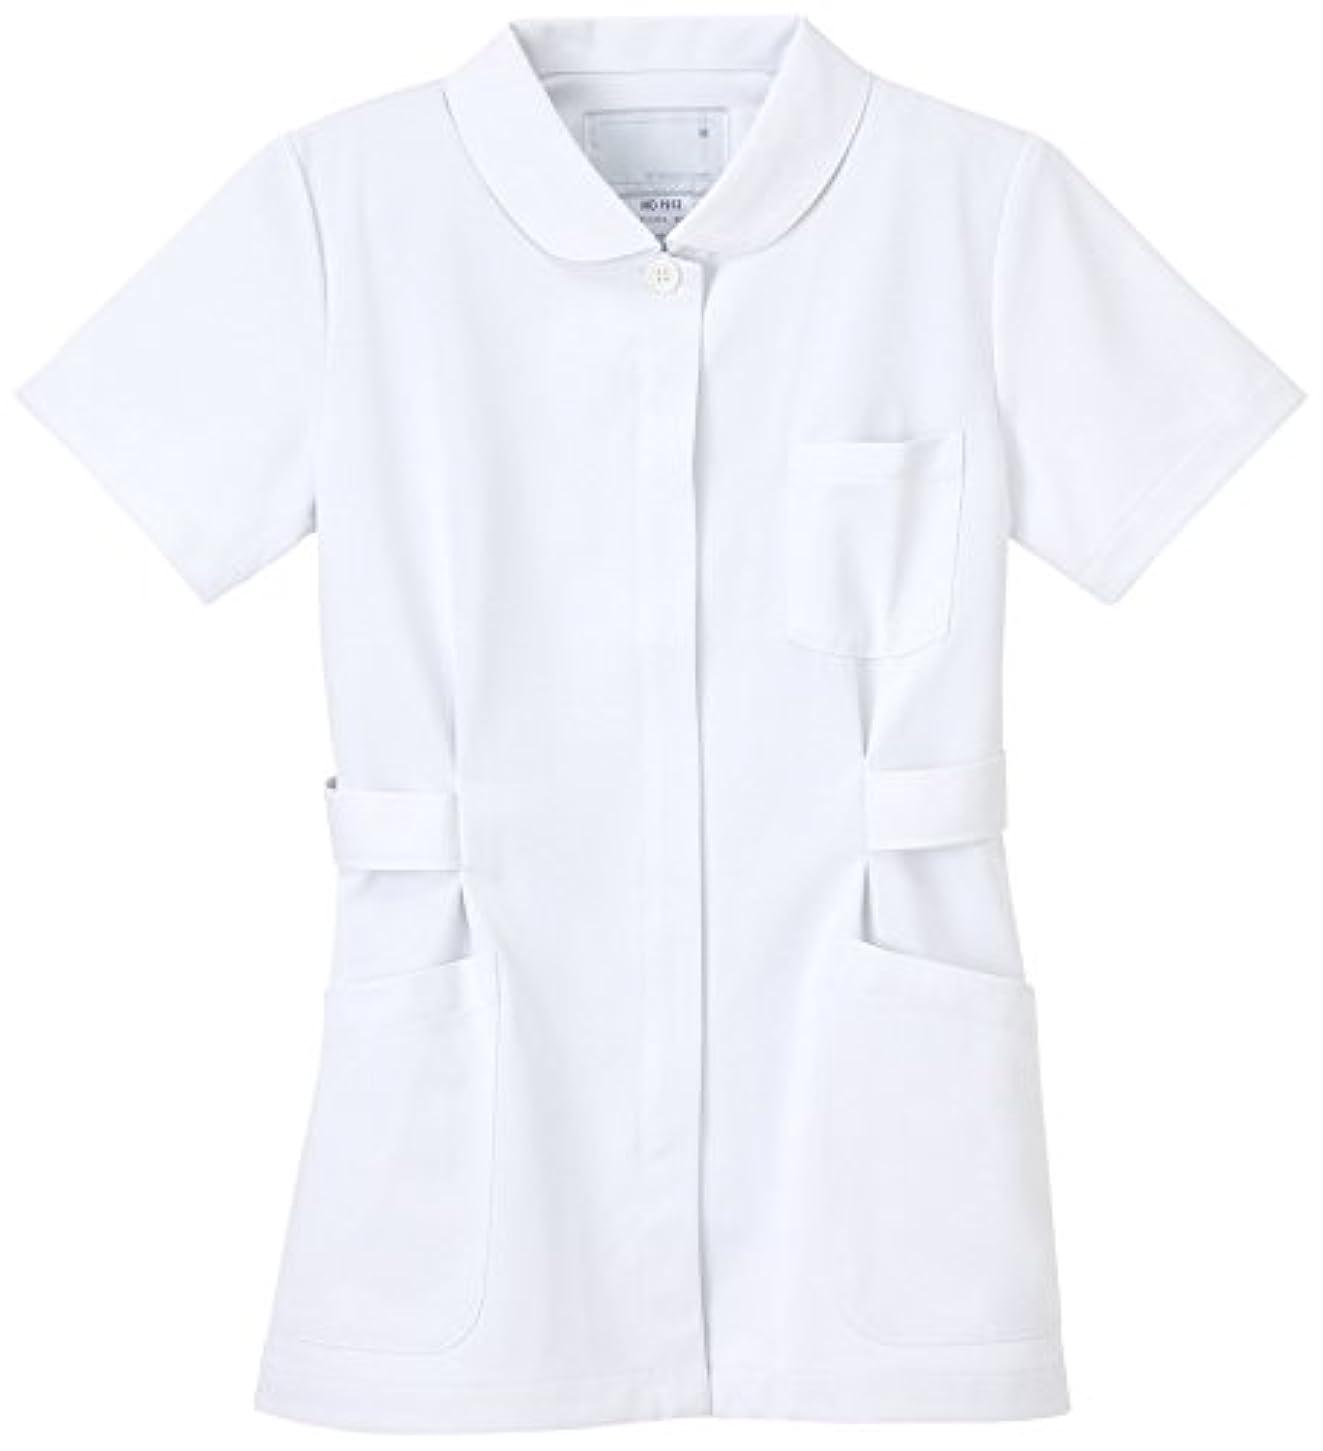 補償従う木曜日ナガイレーベン NAGAILEBEN 女子上衣 HO-1912(S) ホワイト